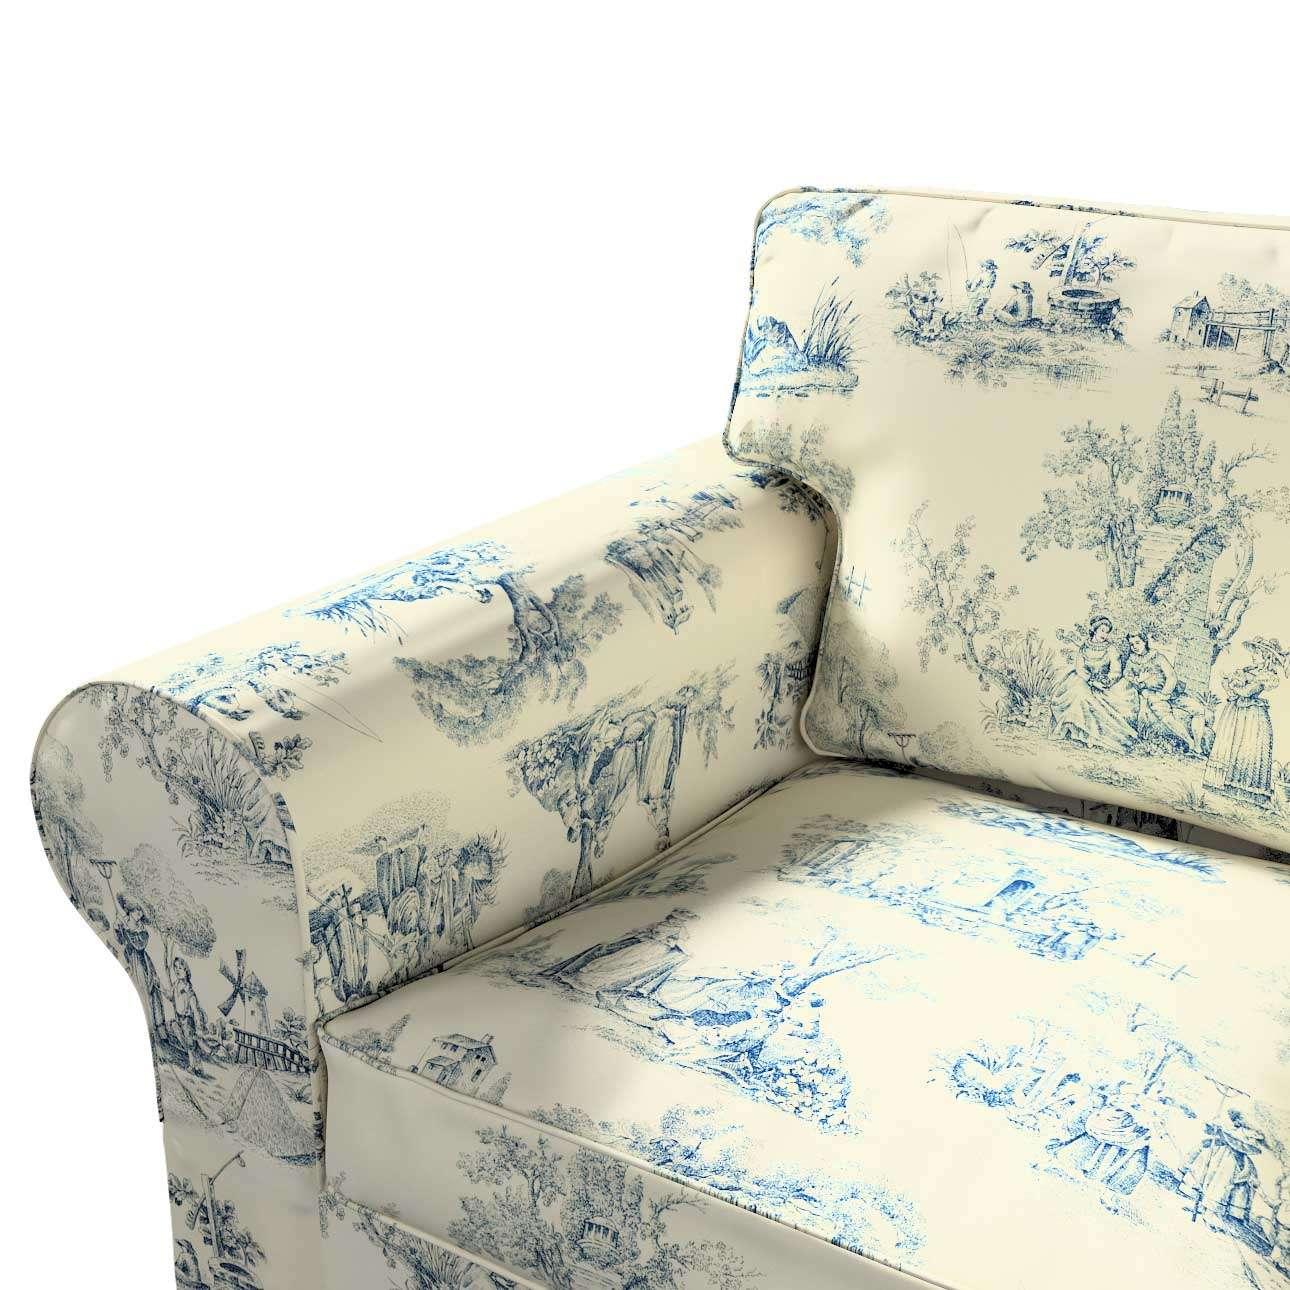 Pokrowiec na sofę Ektorp 2-osobową rozkładana NOWY MODEL 2012 sofa ektorp 2-osobowa rozkładana NOWY MODEL w kolekcji Avinon, tkanina: 132-66